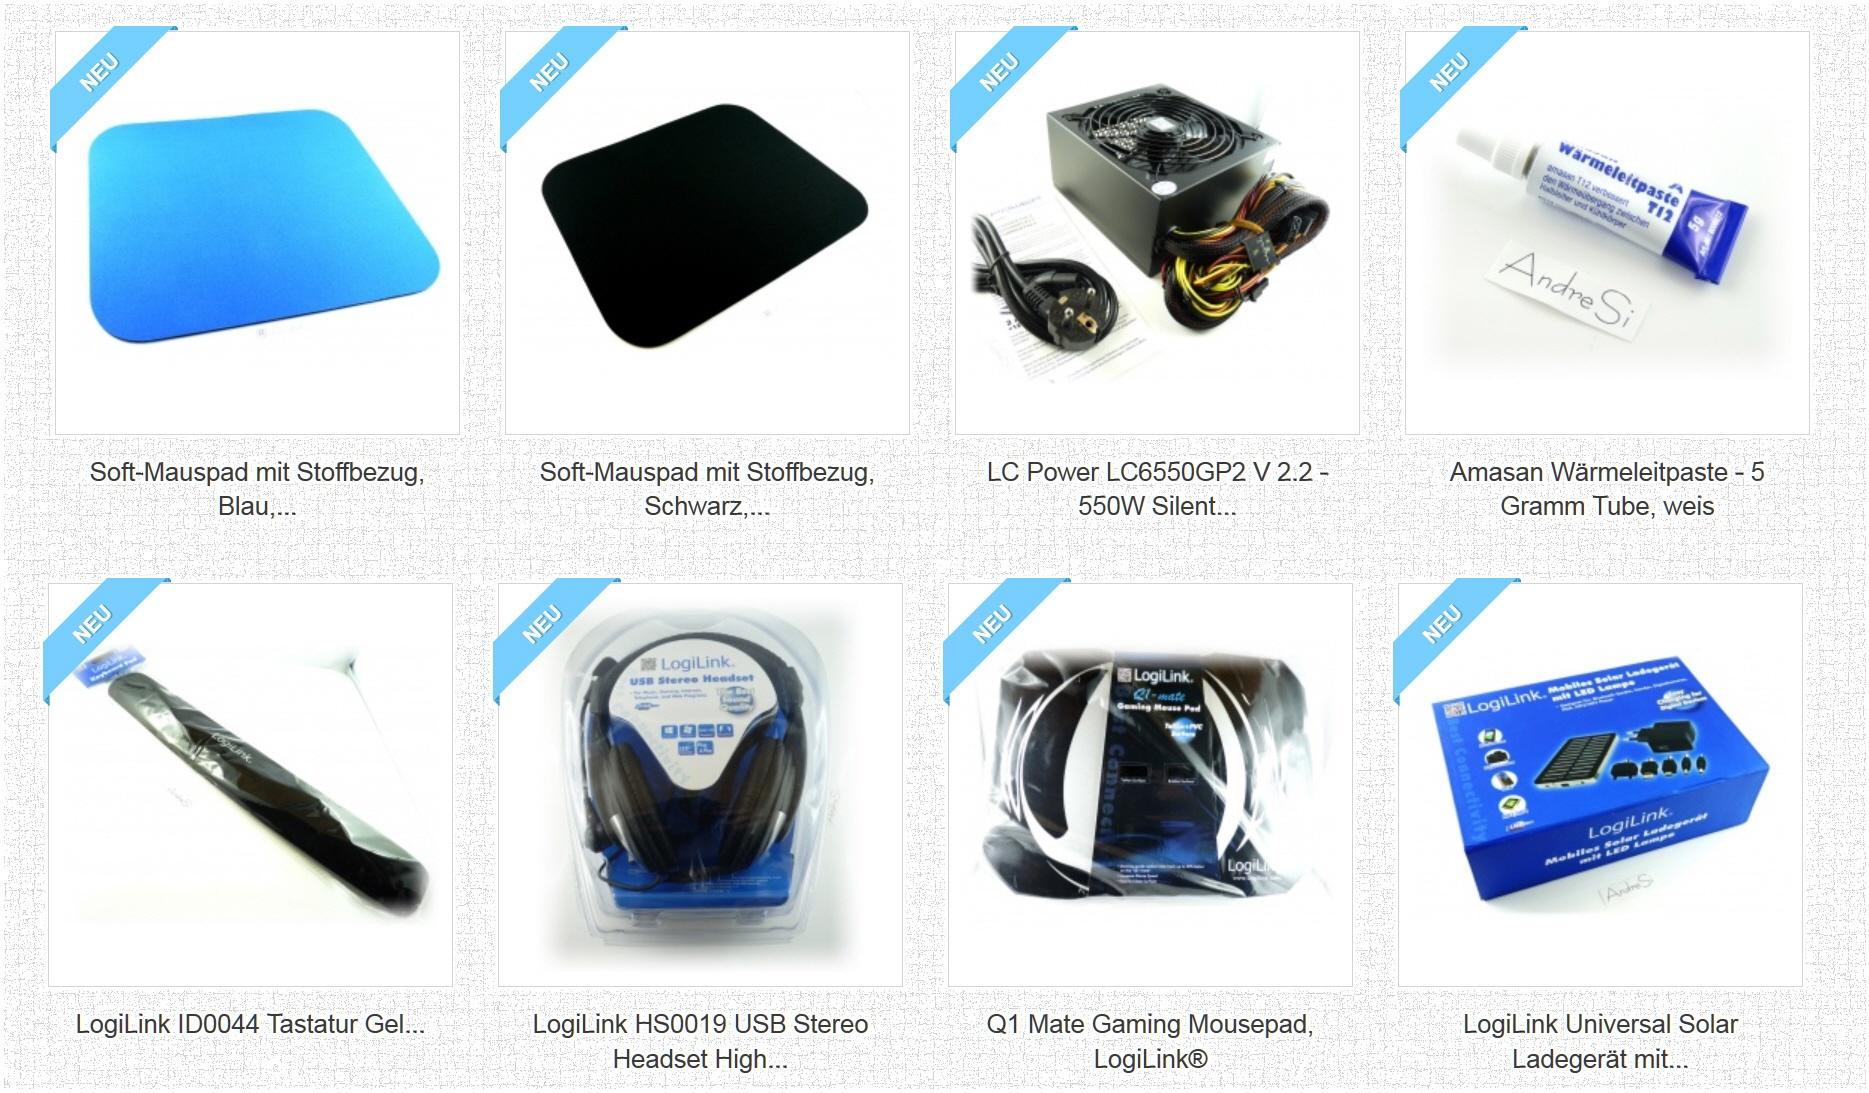 Tecnologia de PC y accesorios